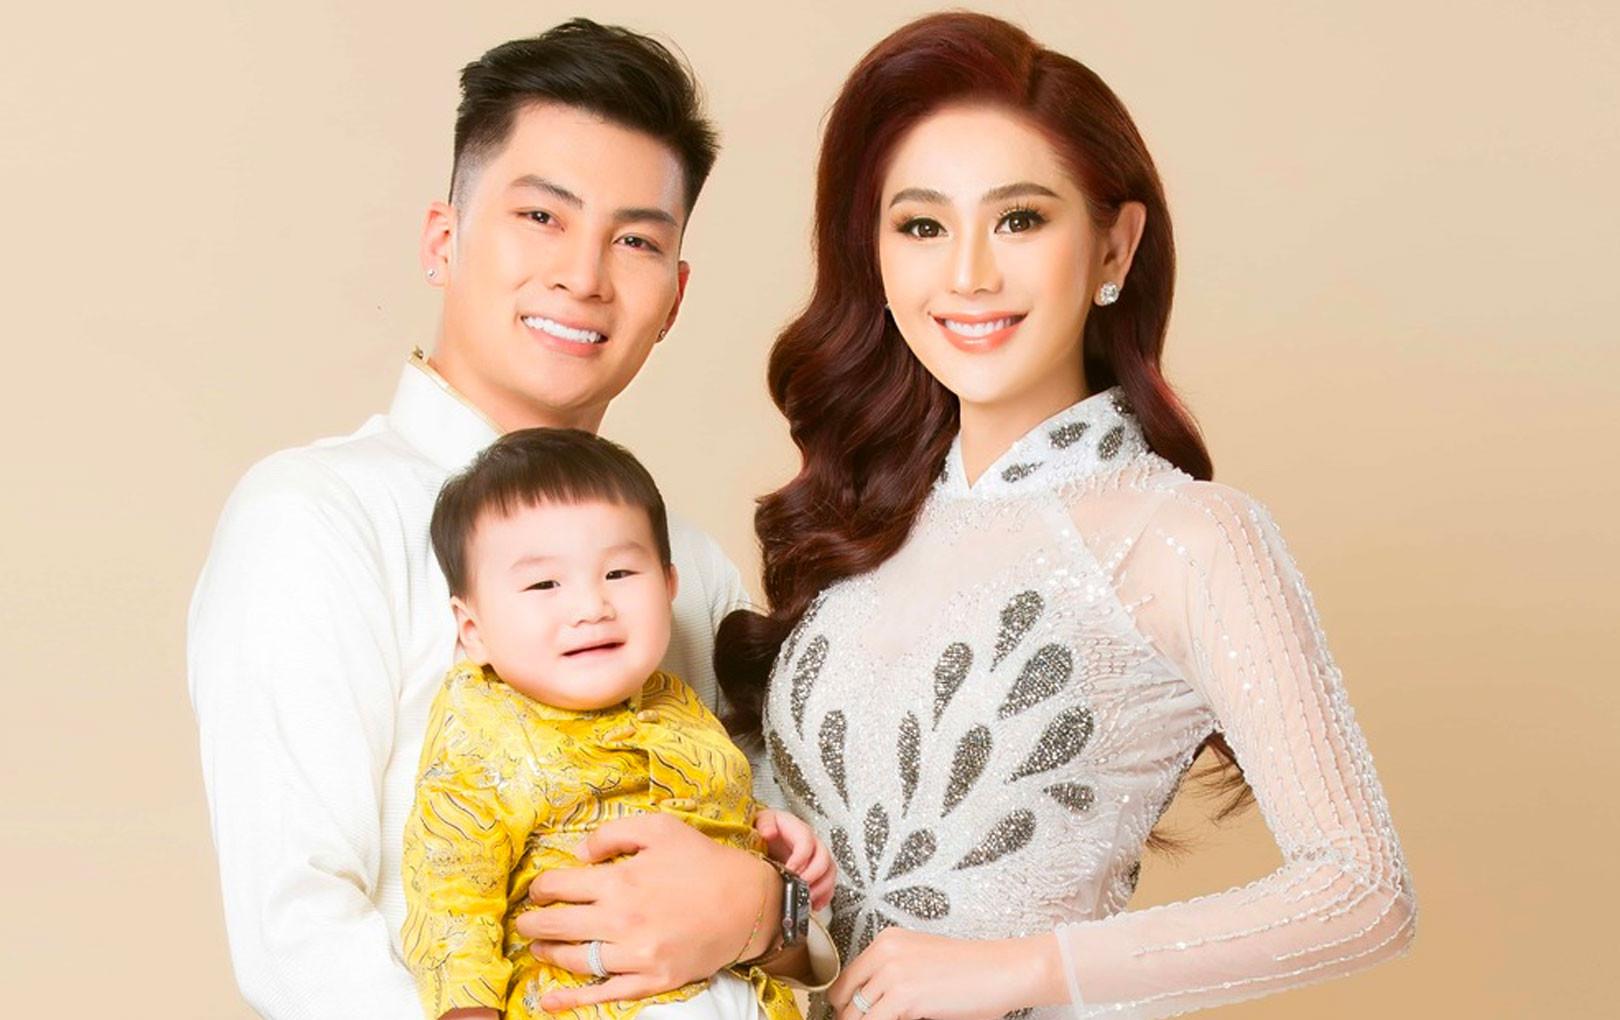 """Quý tử nhà """"công chúa"""" Lâm Khánh Chi khoe vẻ đáng yêu khi chụp ảnh cùng bố mẹ khiến CĐM tan chảy"""